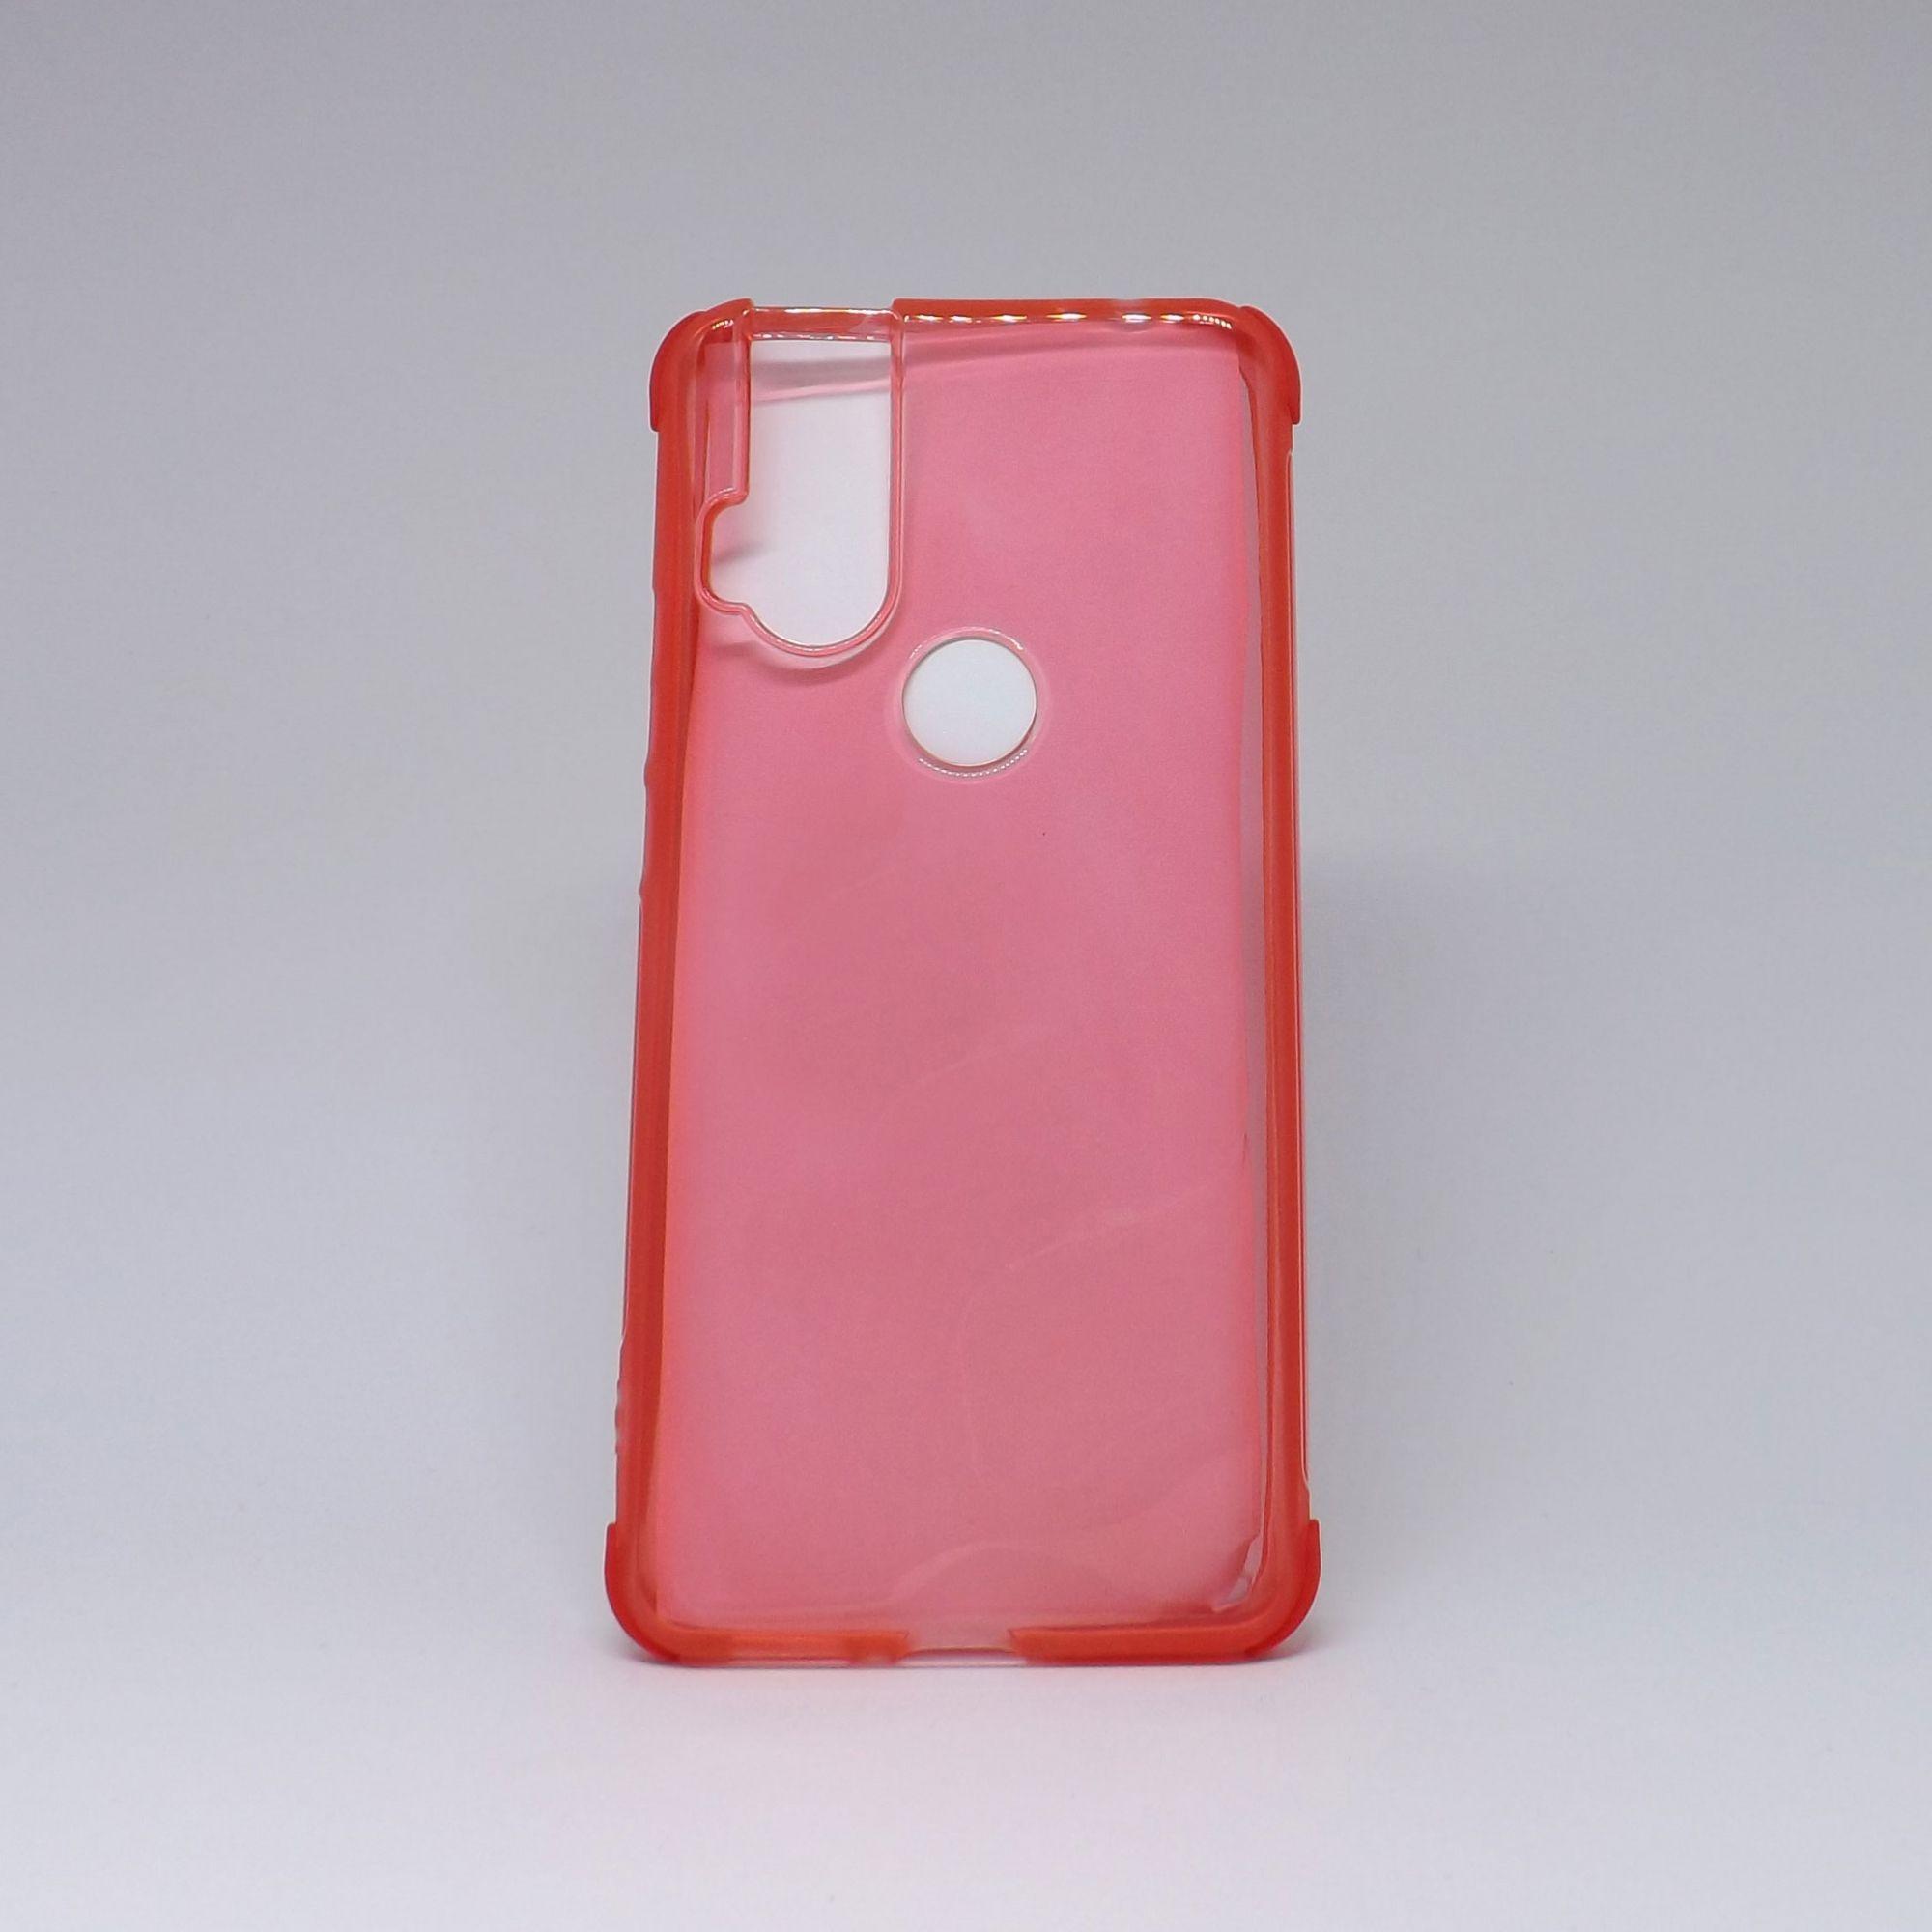 Capa Motorola One Hyper Transparente com Borda Colorida